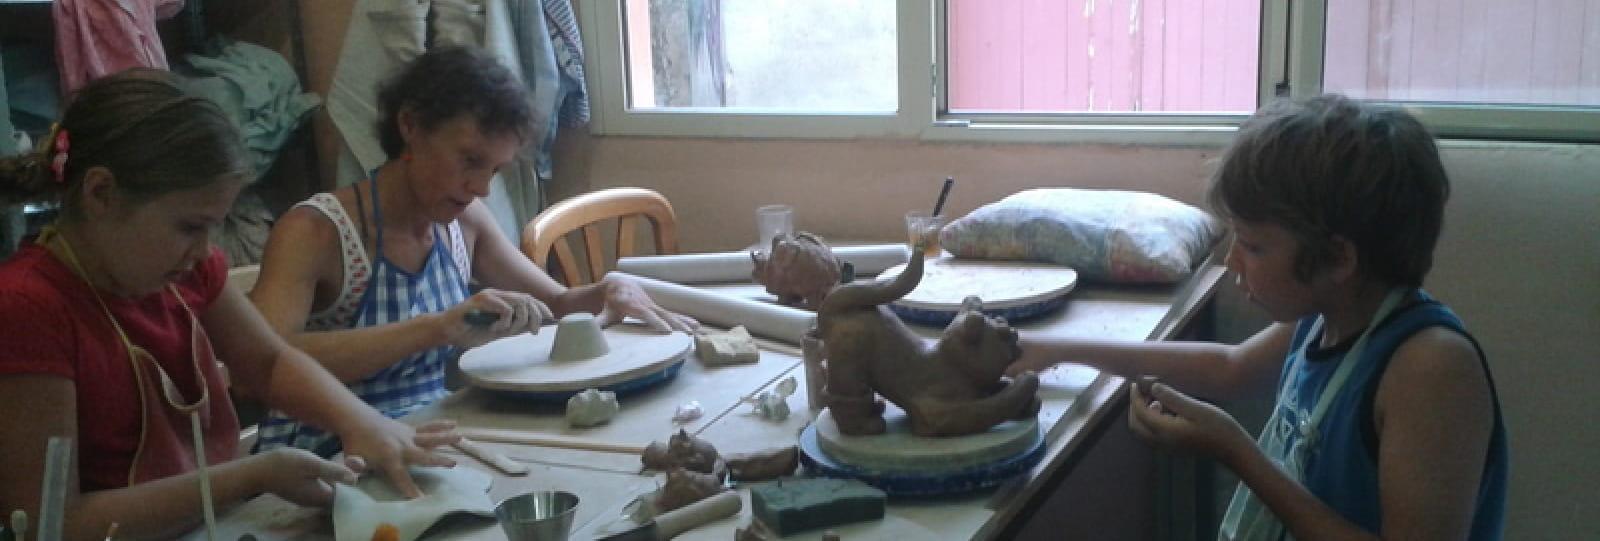 Ateliers de poterie -  Terre à Terre